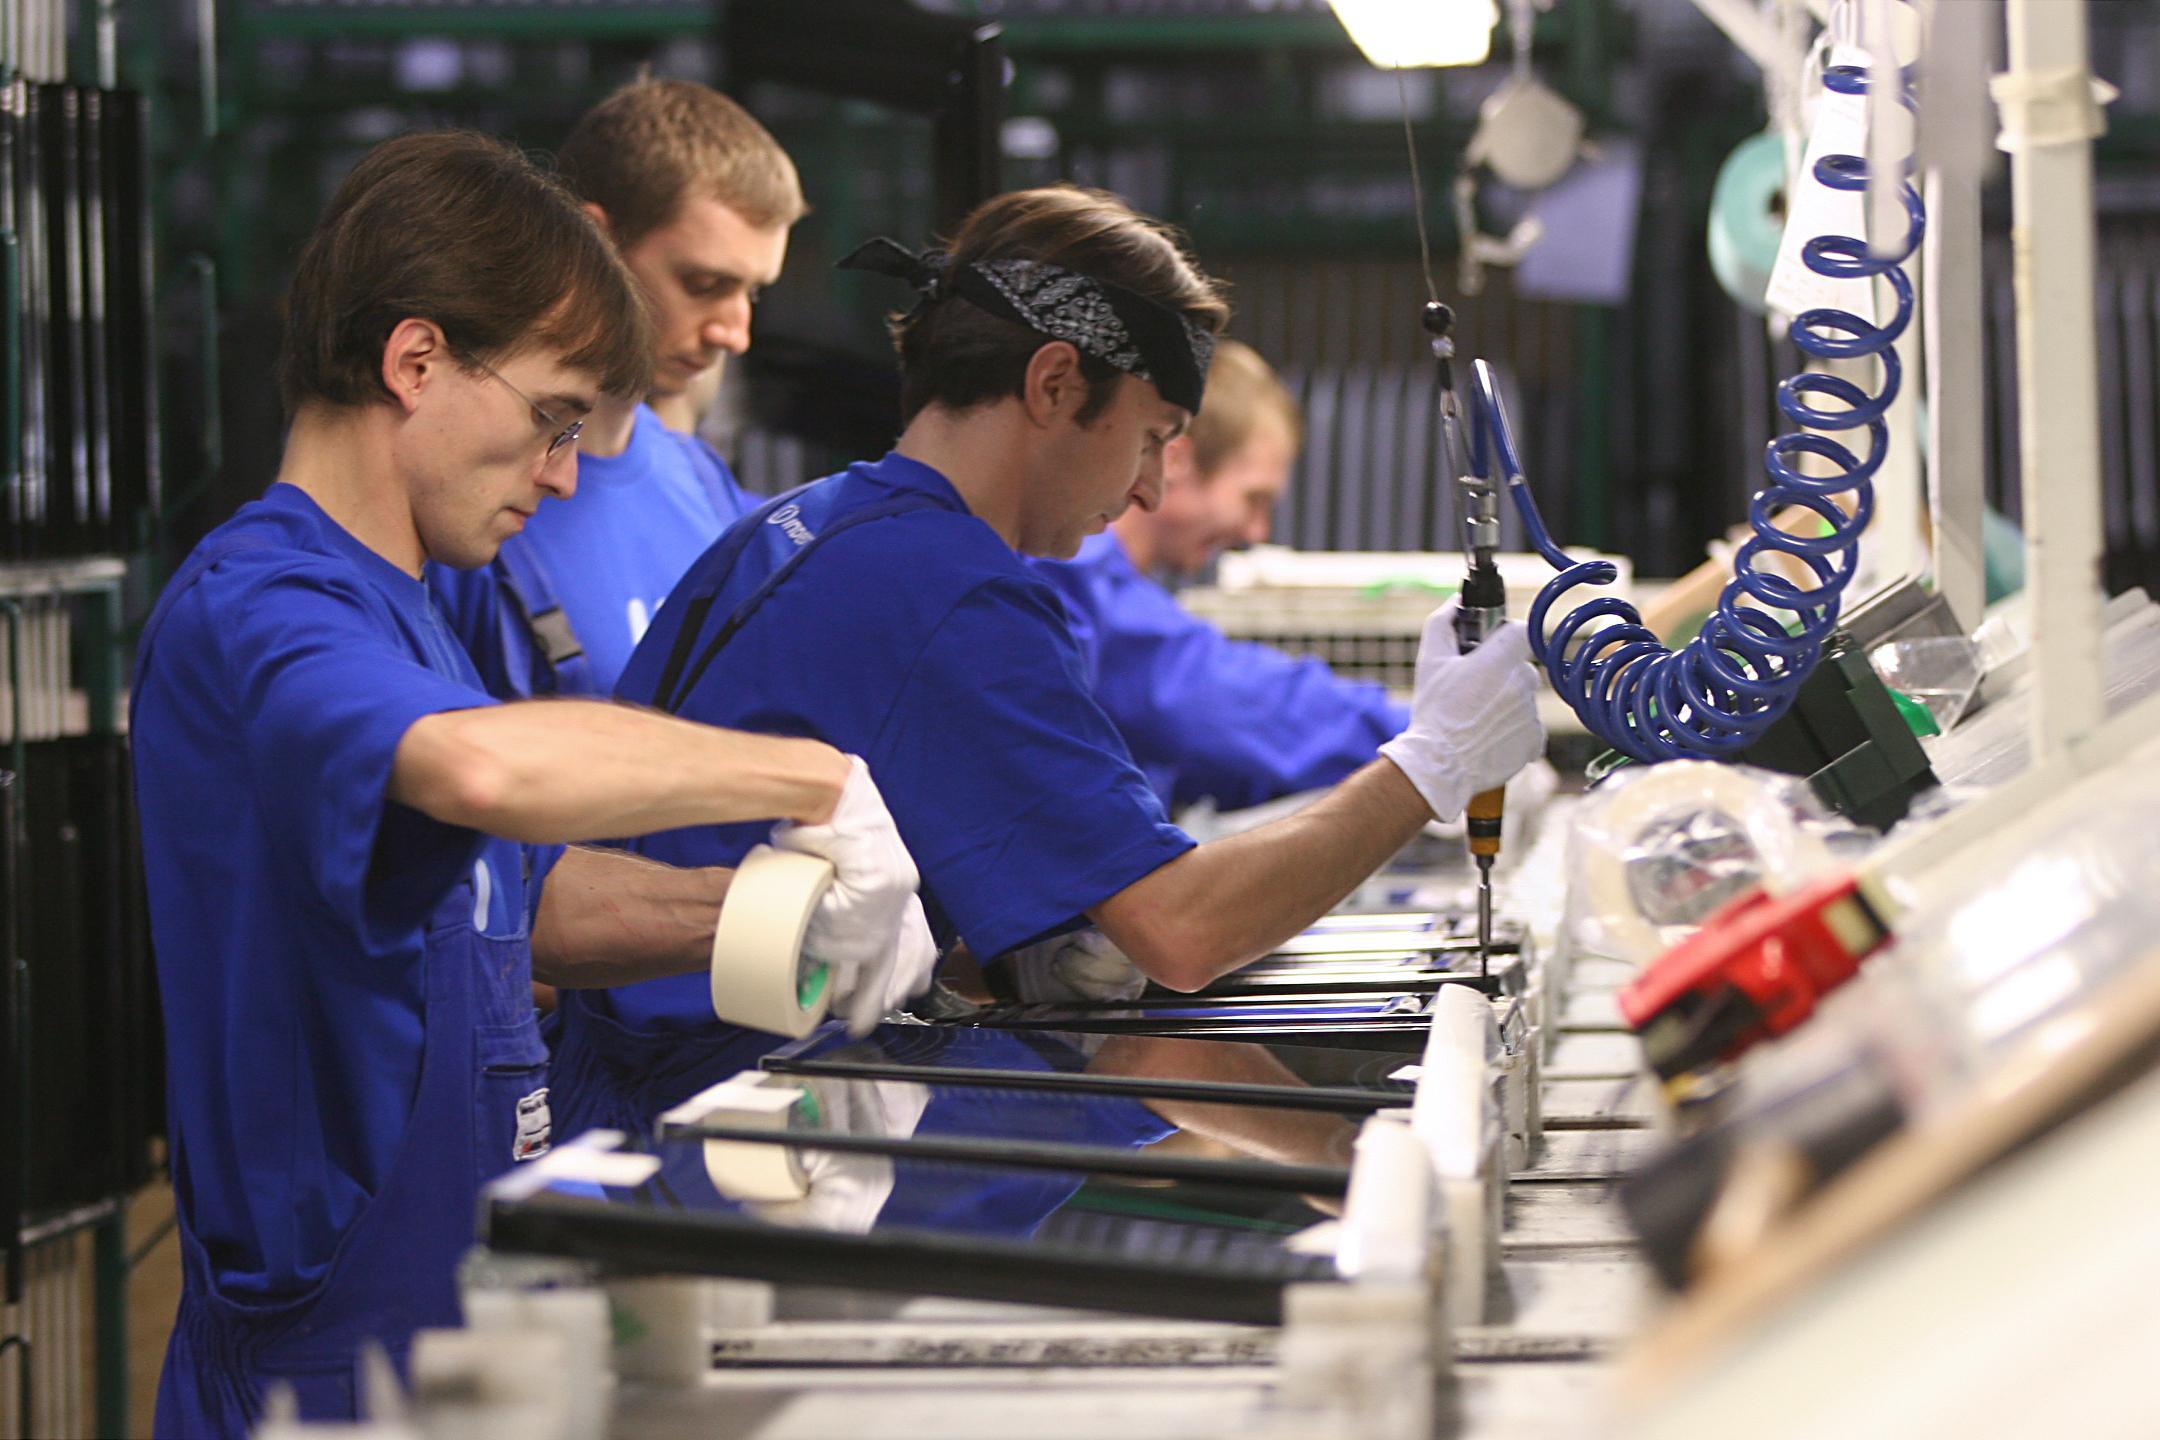 Lavoro disoccupazione in calo ma solo grazie ai contratti a termine